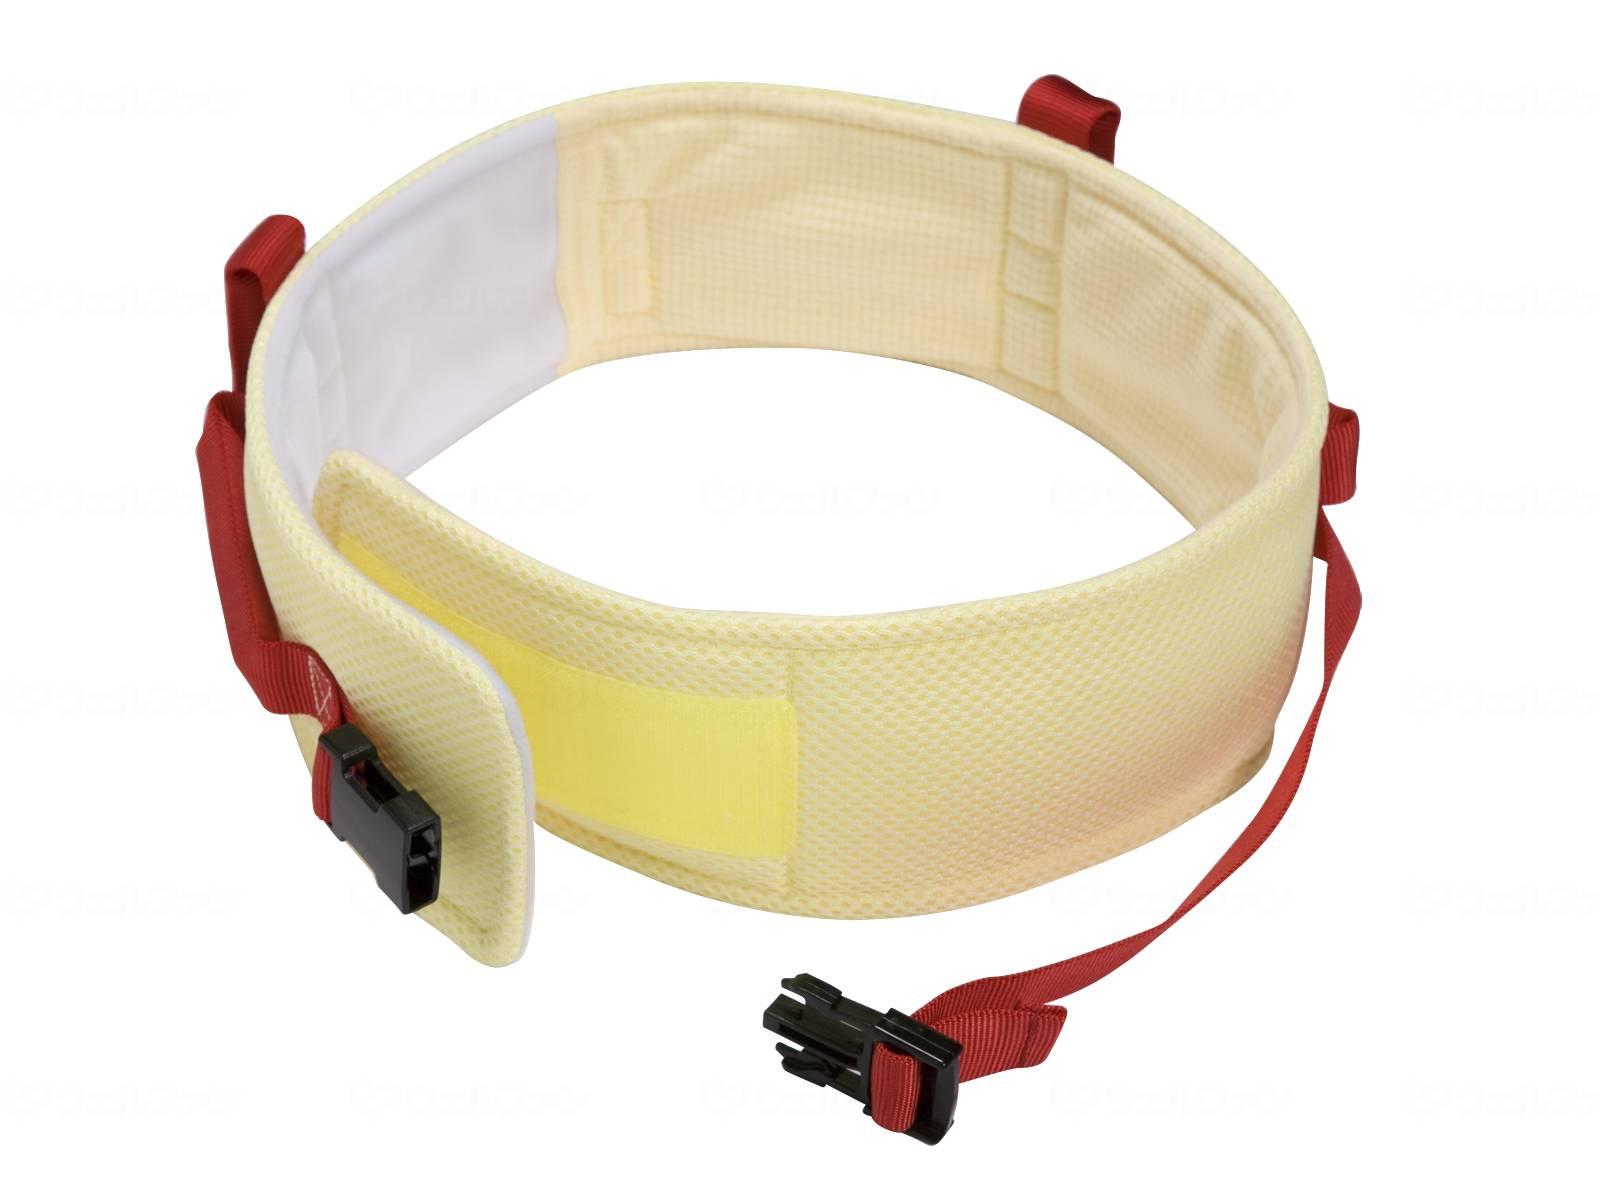 入浴介助用ベルトたすけ帯O型の画像